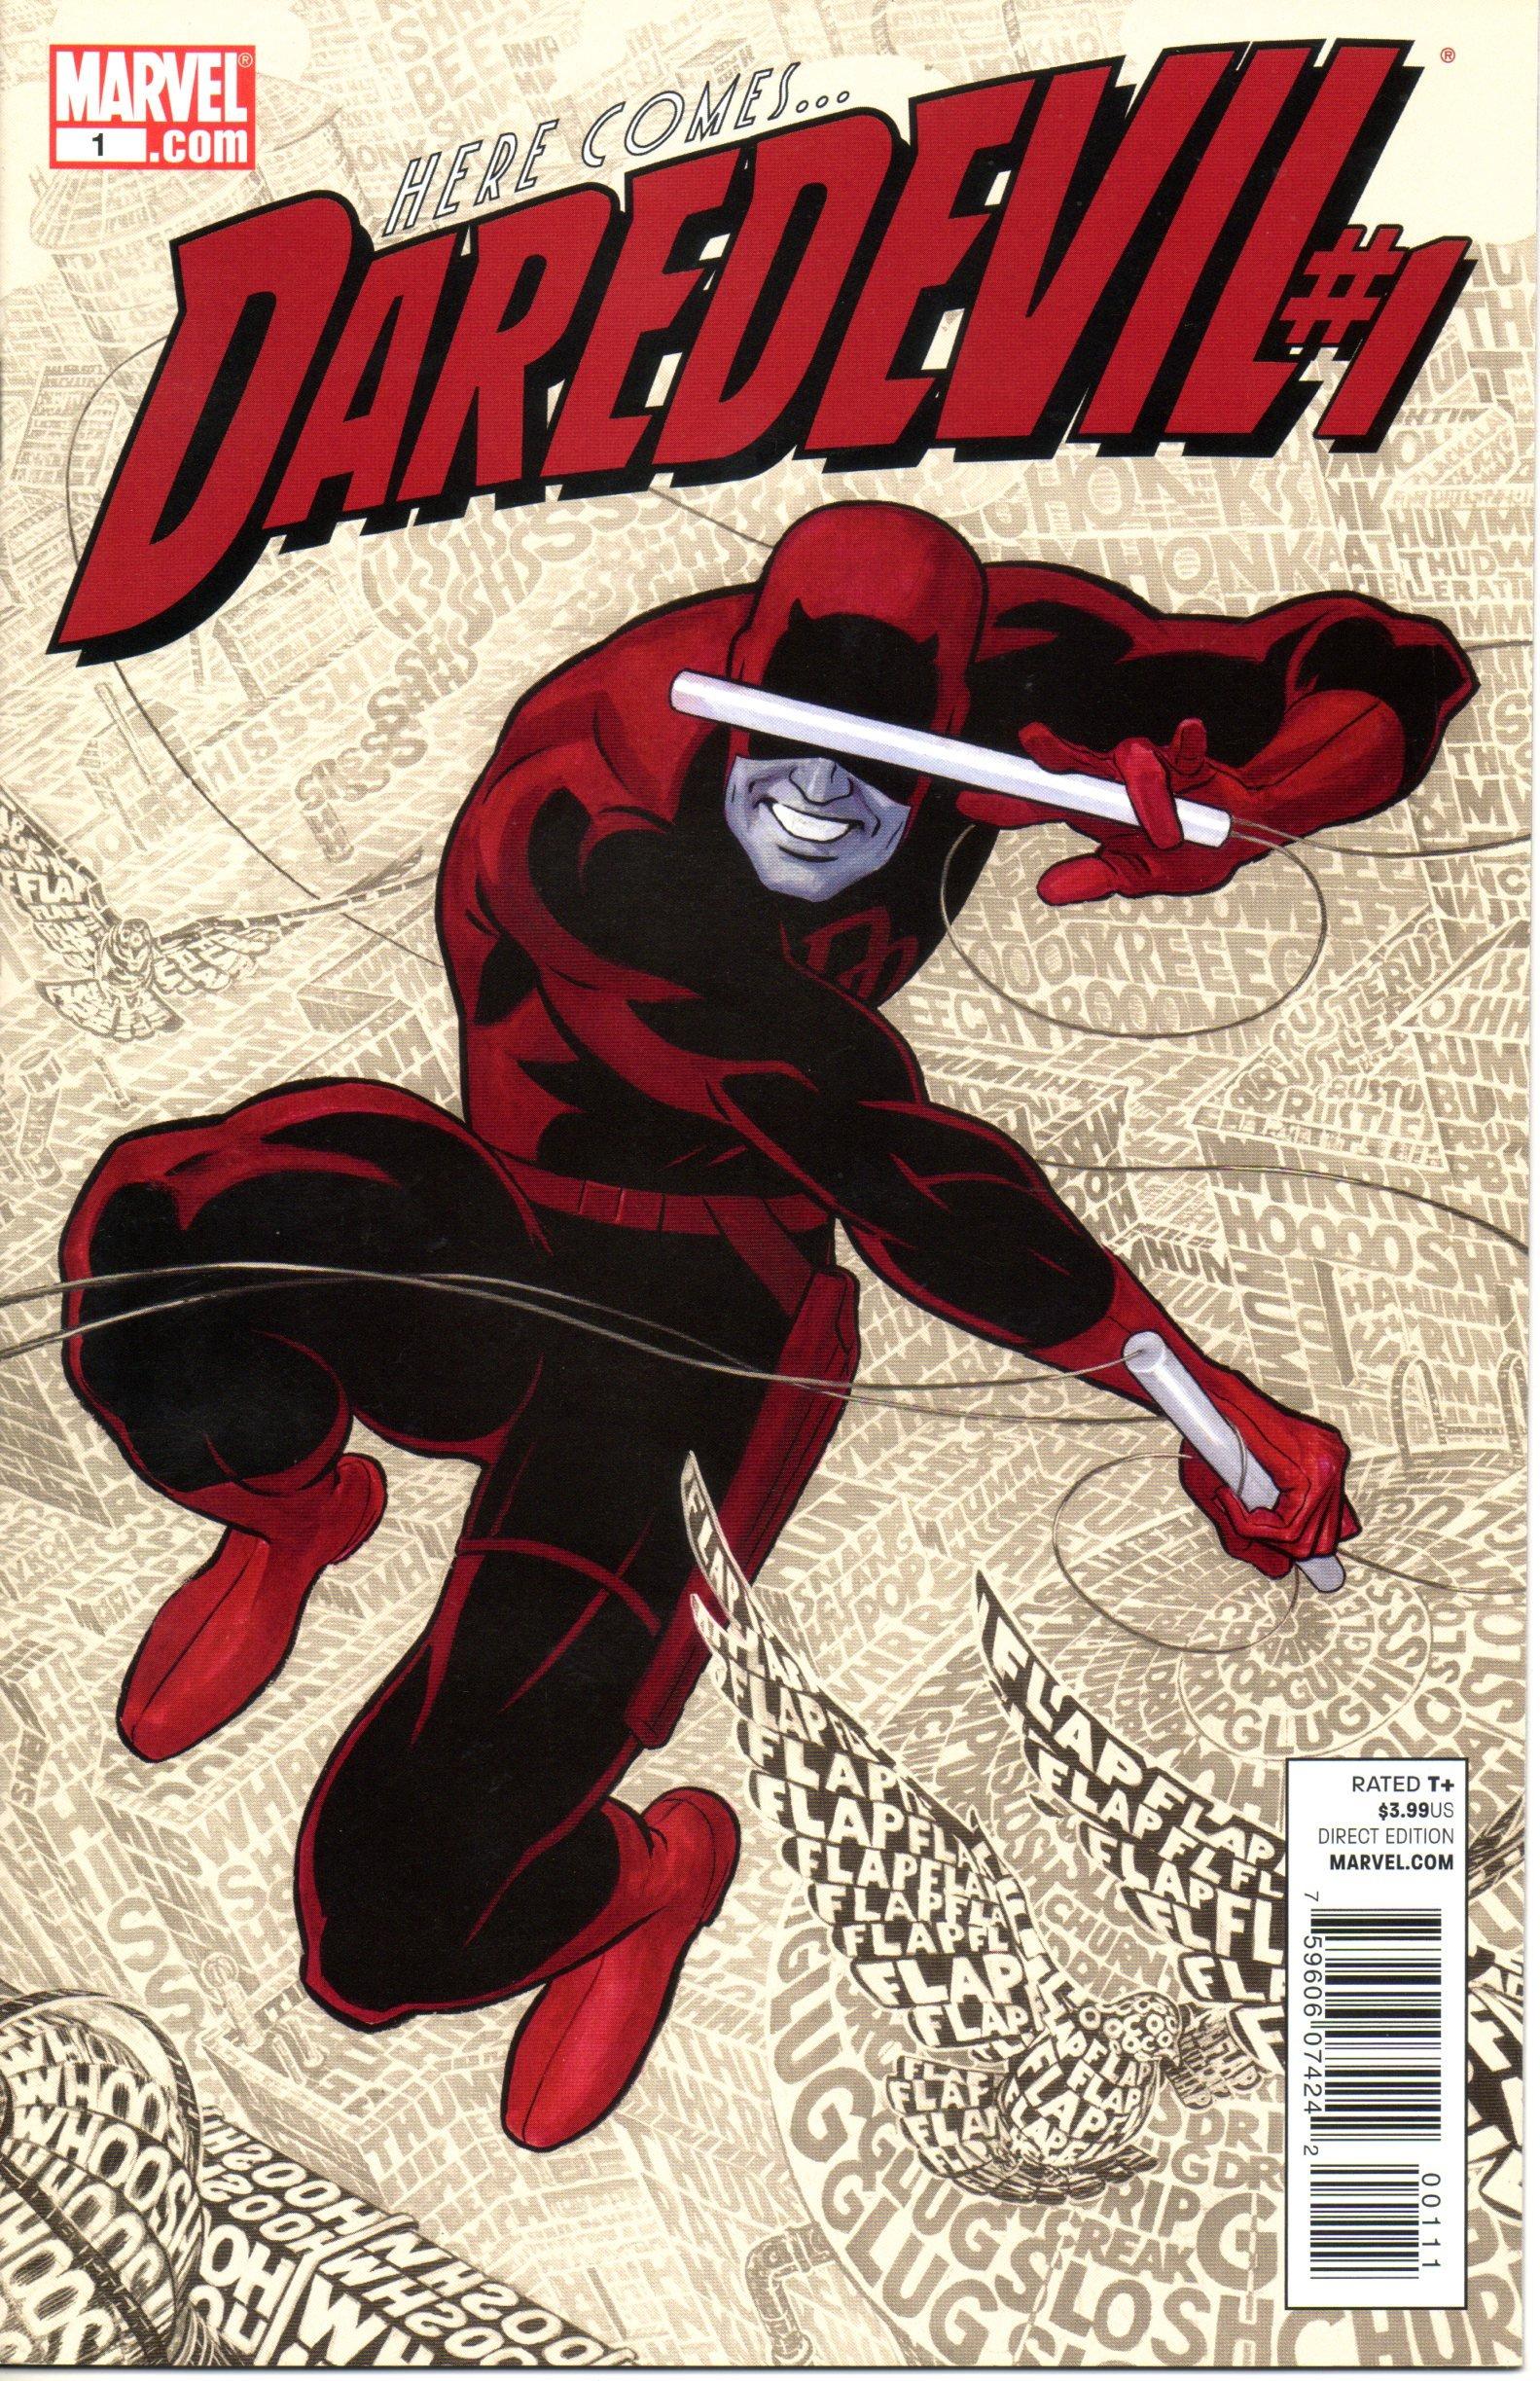 Here Comes Daredevil #1 Mini Series Vol.1 pdf